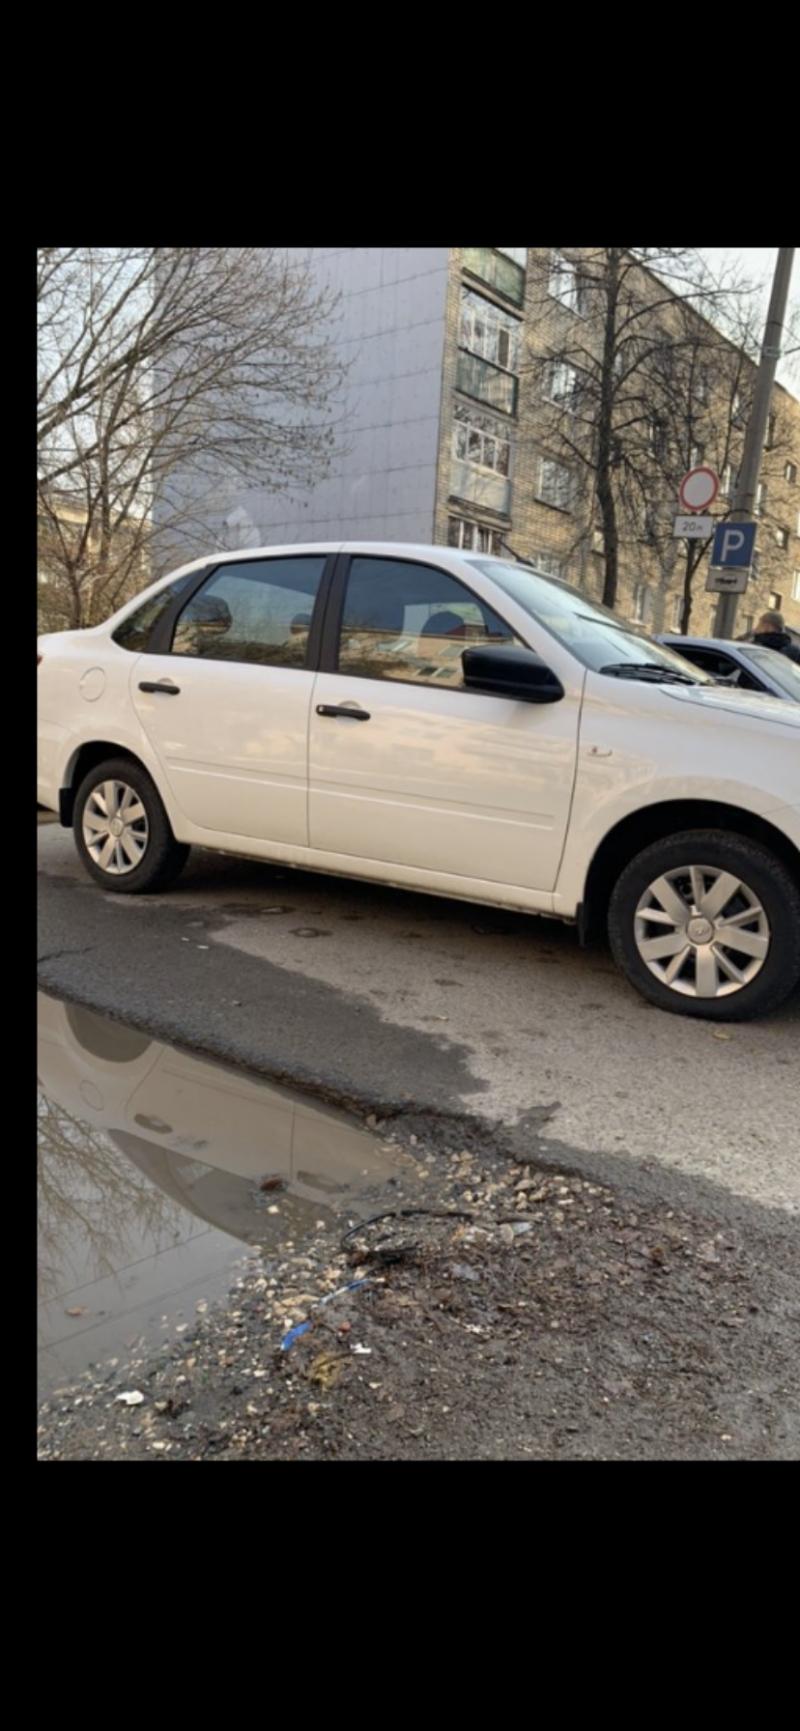 Водитель такси, аренда авто работа в Яндекс и максим.